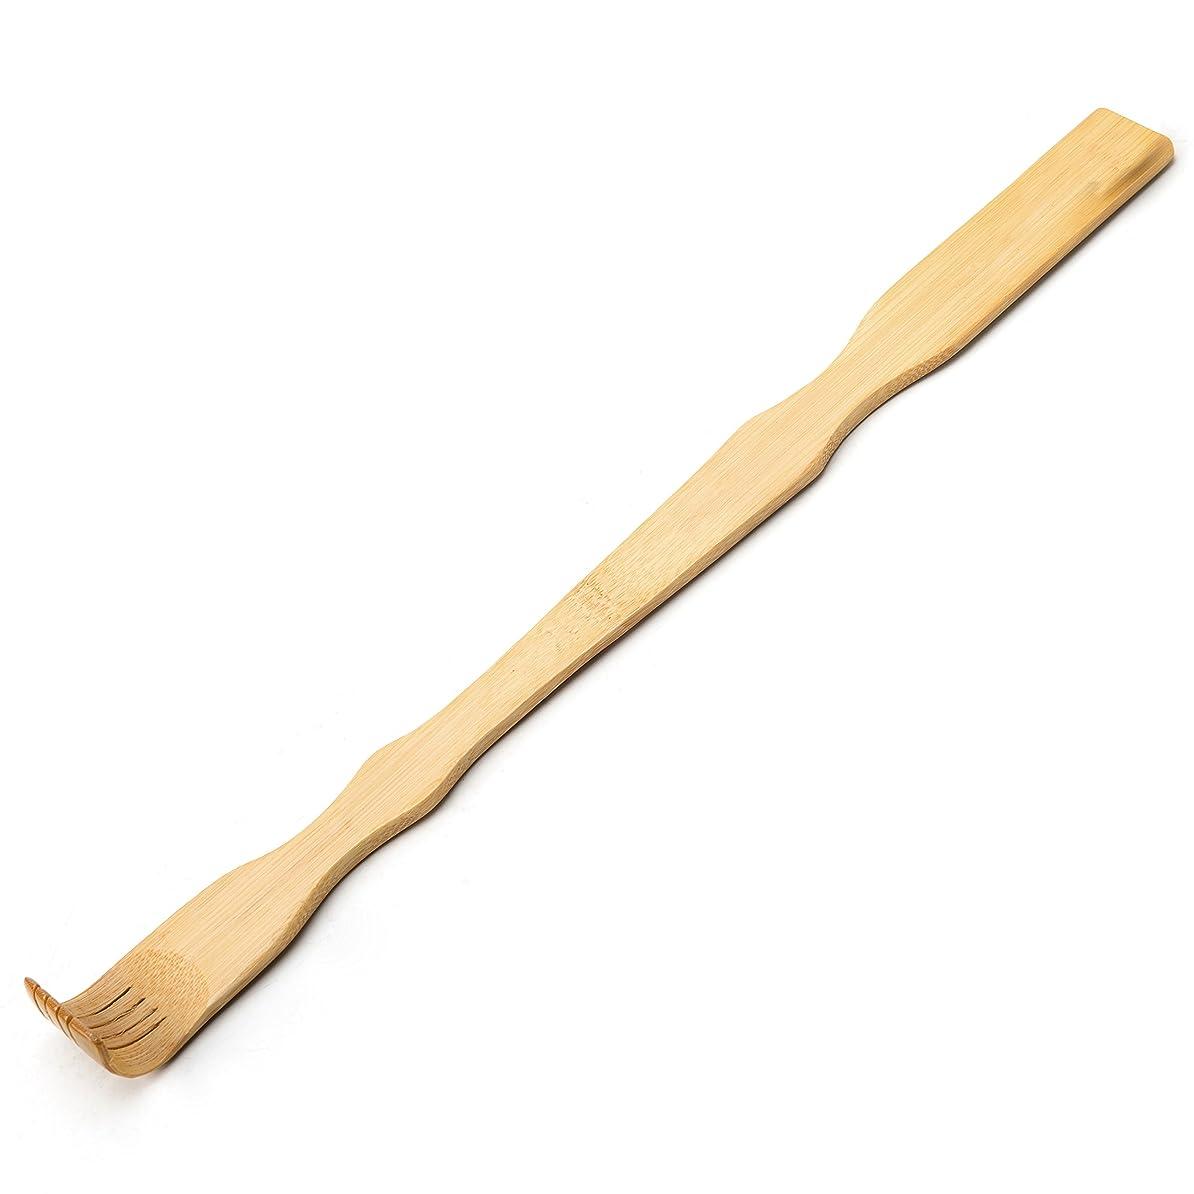 賠償枯れる嘆願TungSam 竹製孫の手一本 背中かゆみを止め マッサージ用